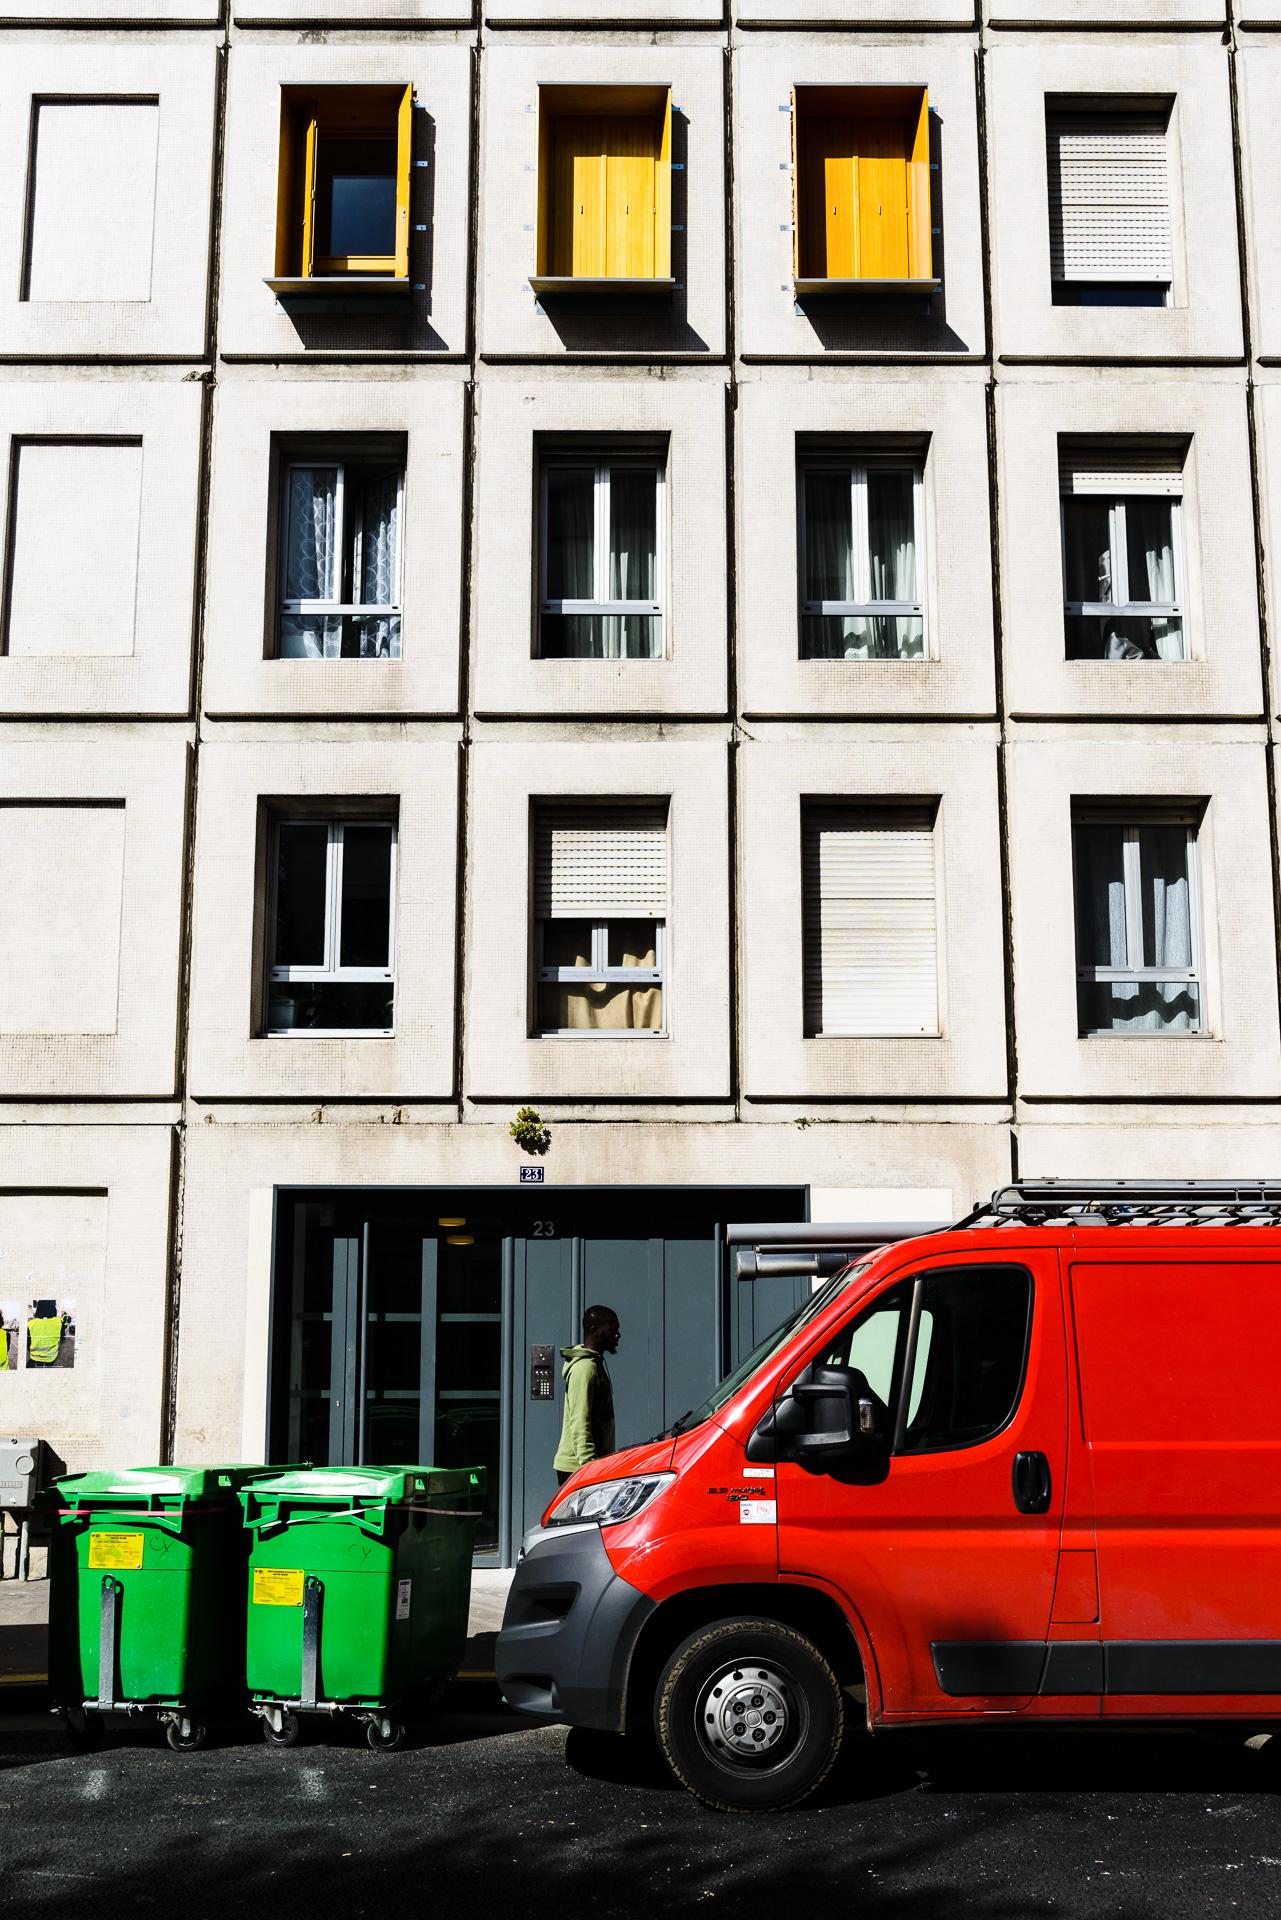 Sunny Street in Paris